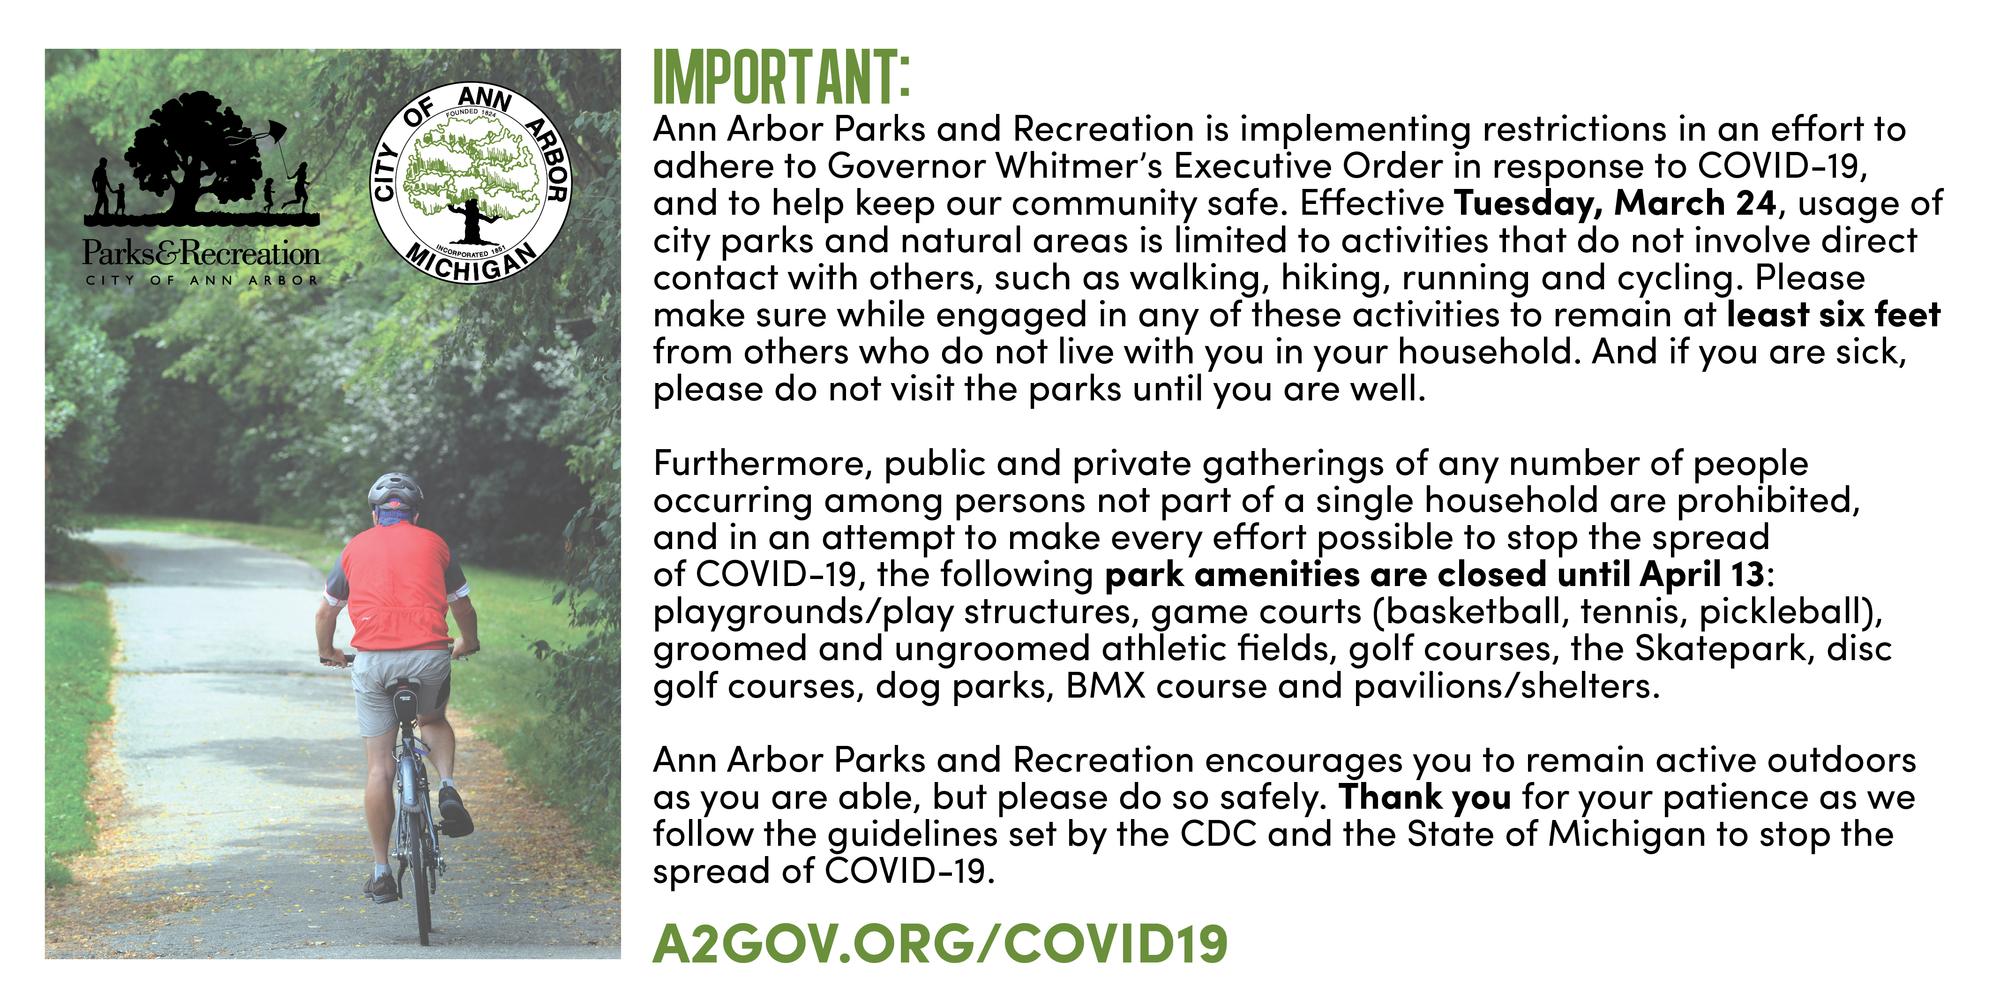 park restrictions